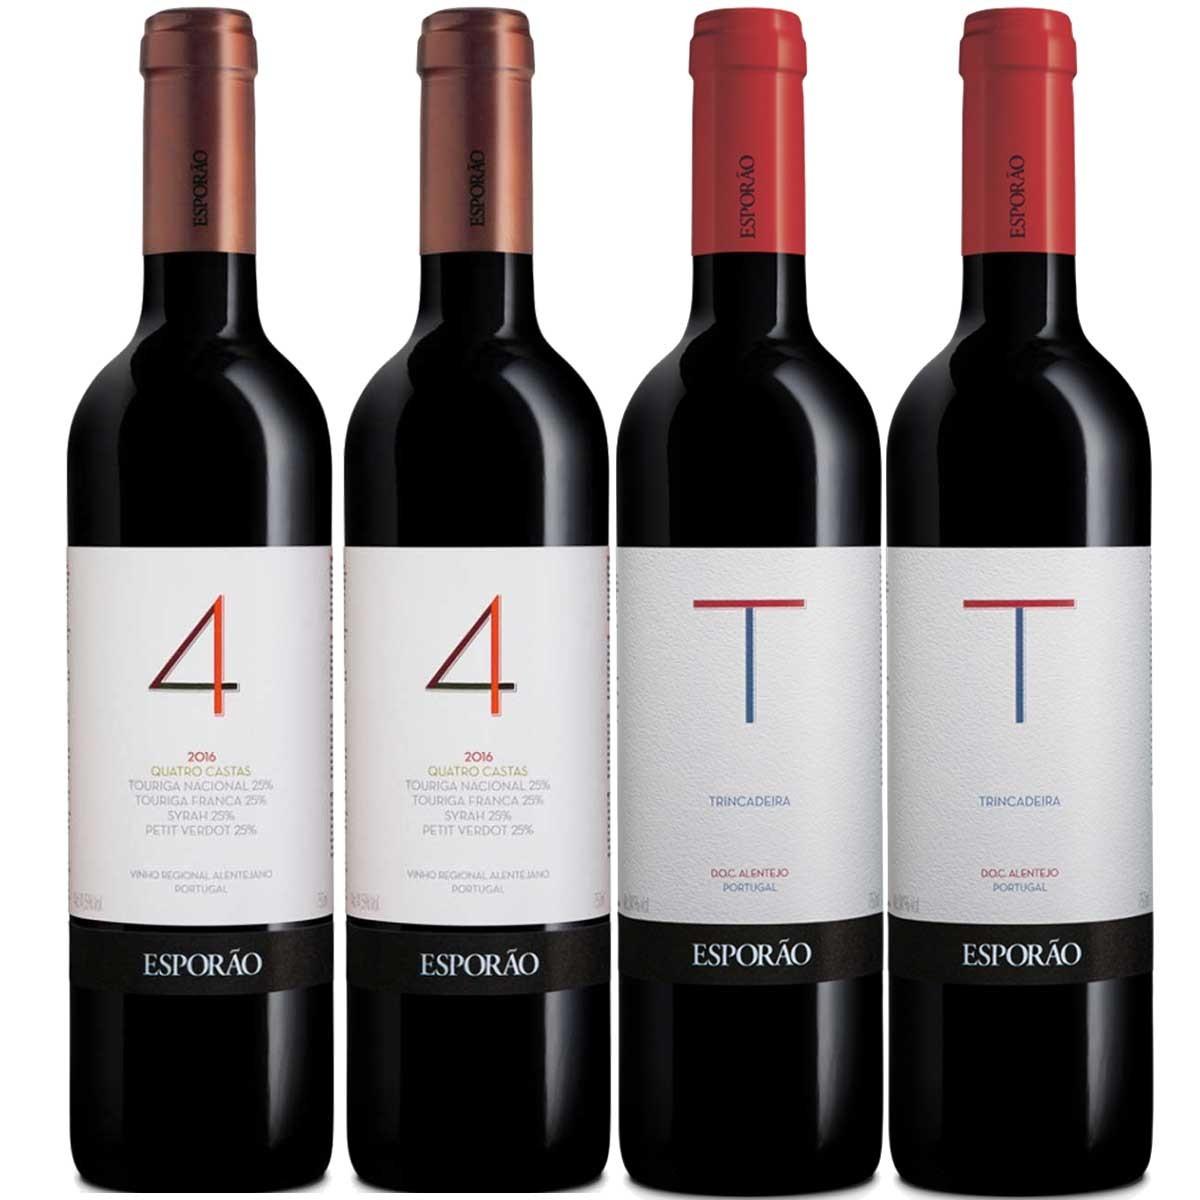 Kit 4x Vinhos: 2x Esporão 4 Castas e 2x Trincadeira Portugal